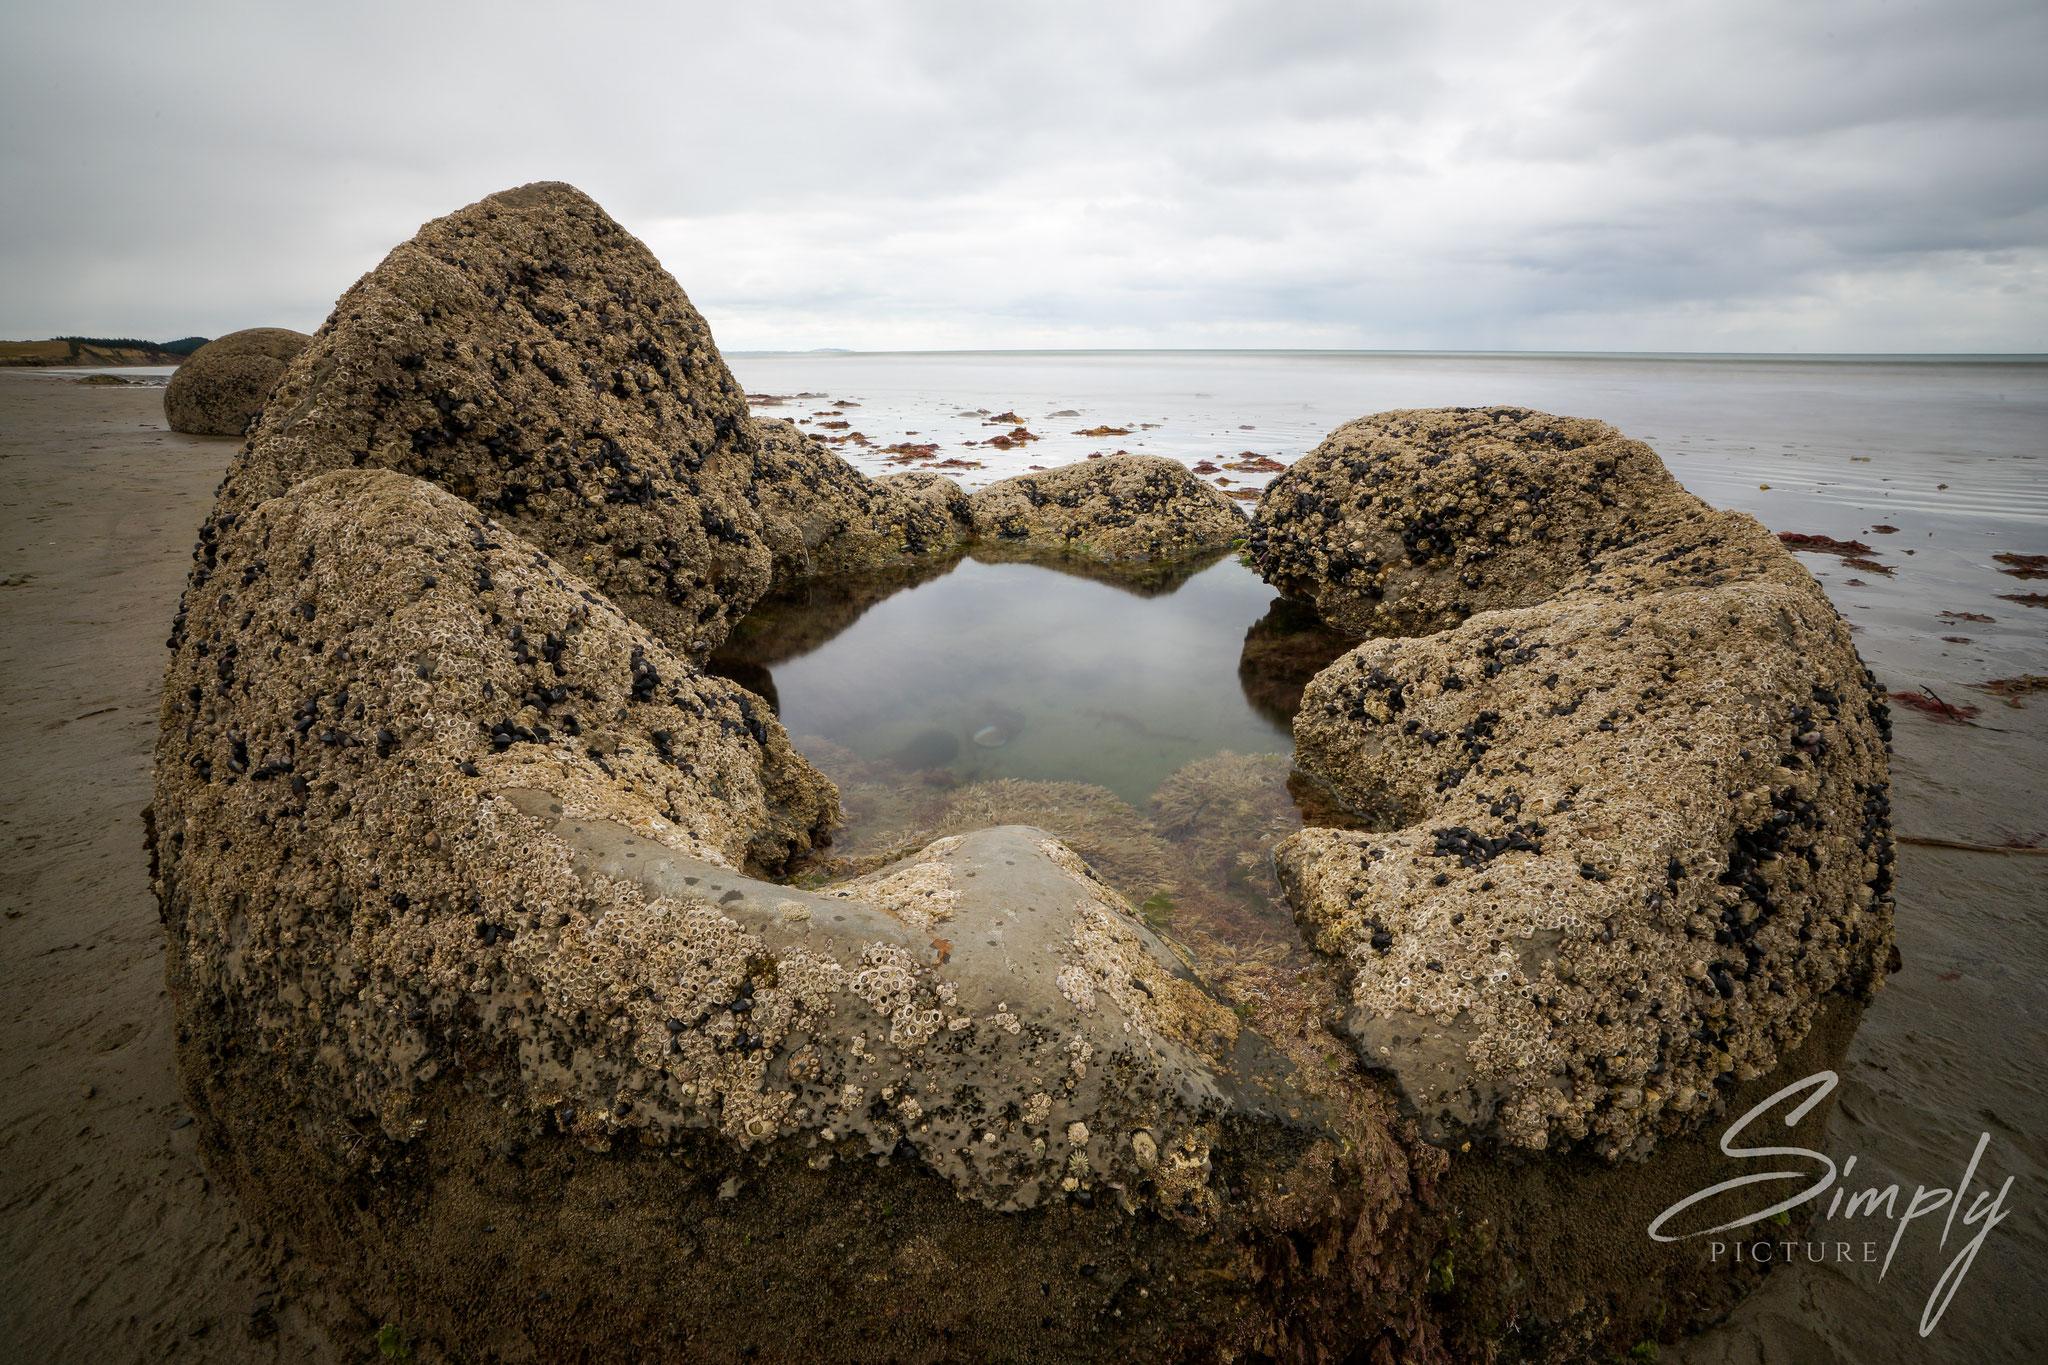 Moeraki Bolders, aufeplatzer Stein mit einer Spiegelund des bewölkten Himmels in der Wasserfläche